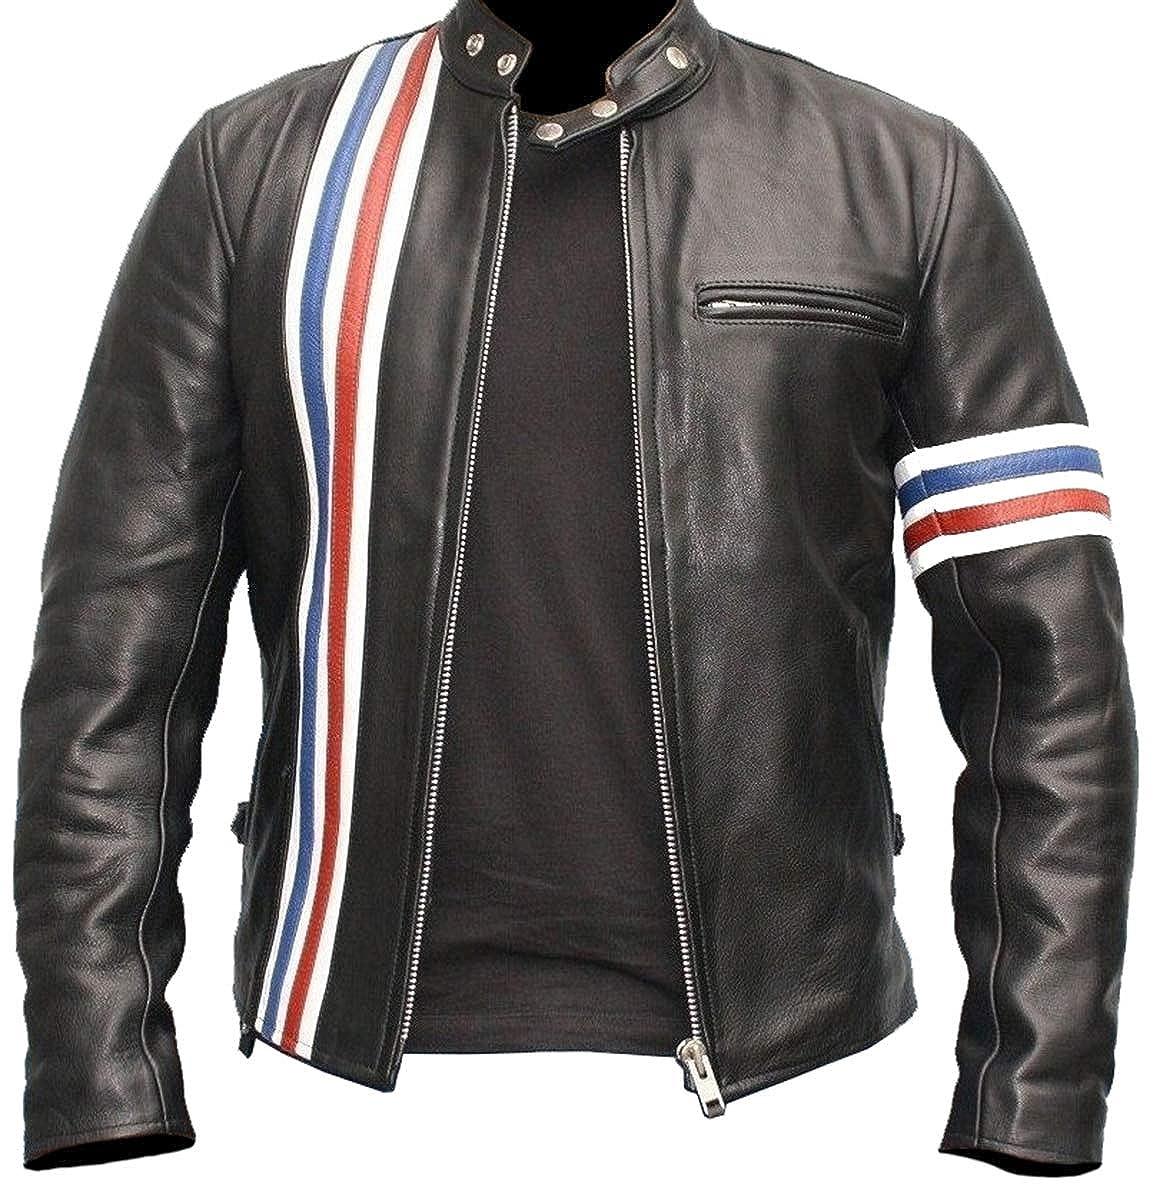 Amazon.com: Cafe Racer - Chaqueta de ciclismo para hombre ...